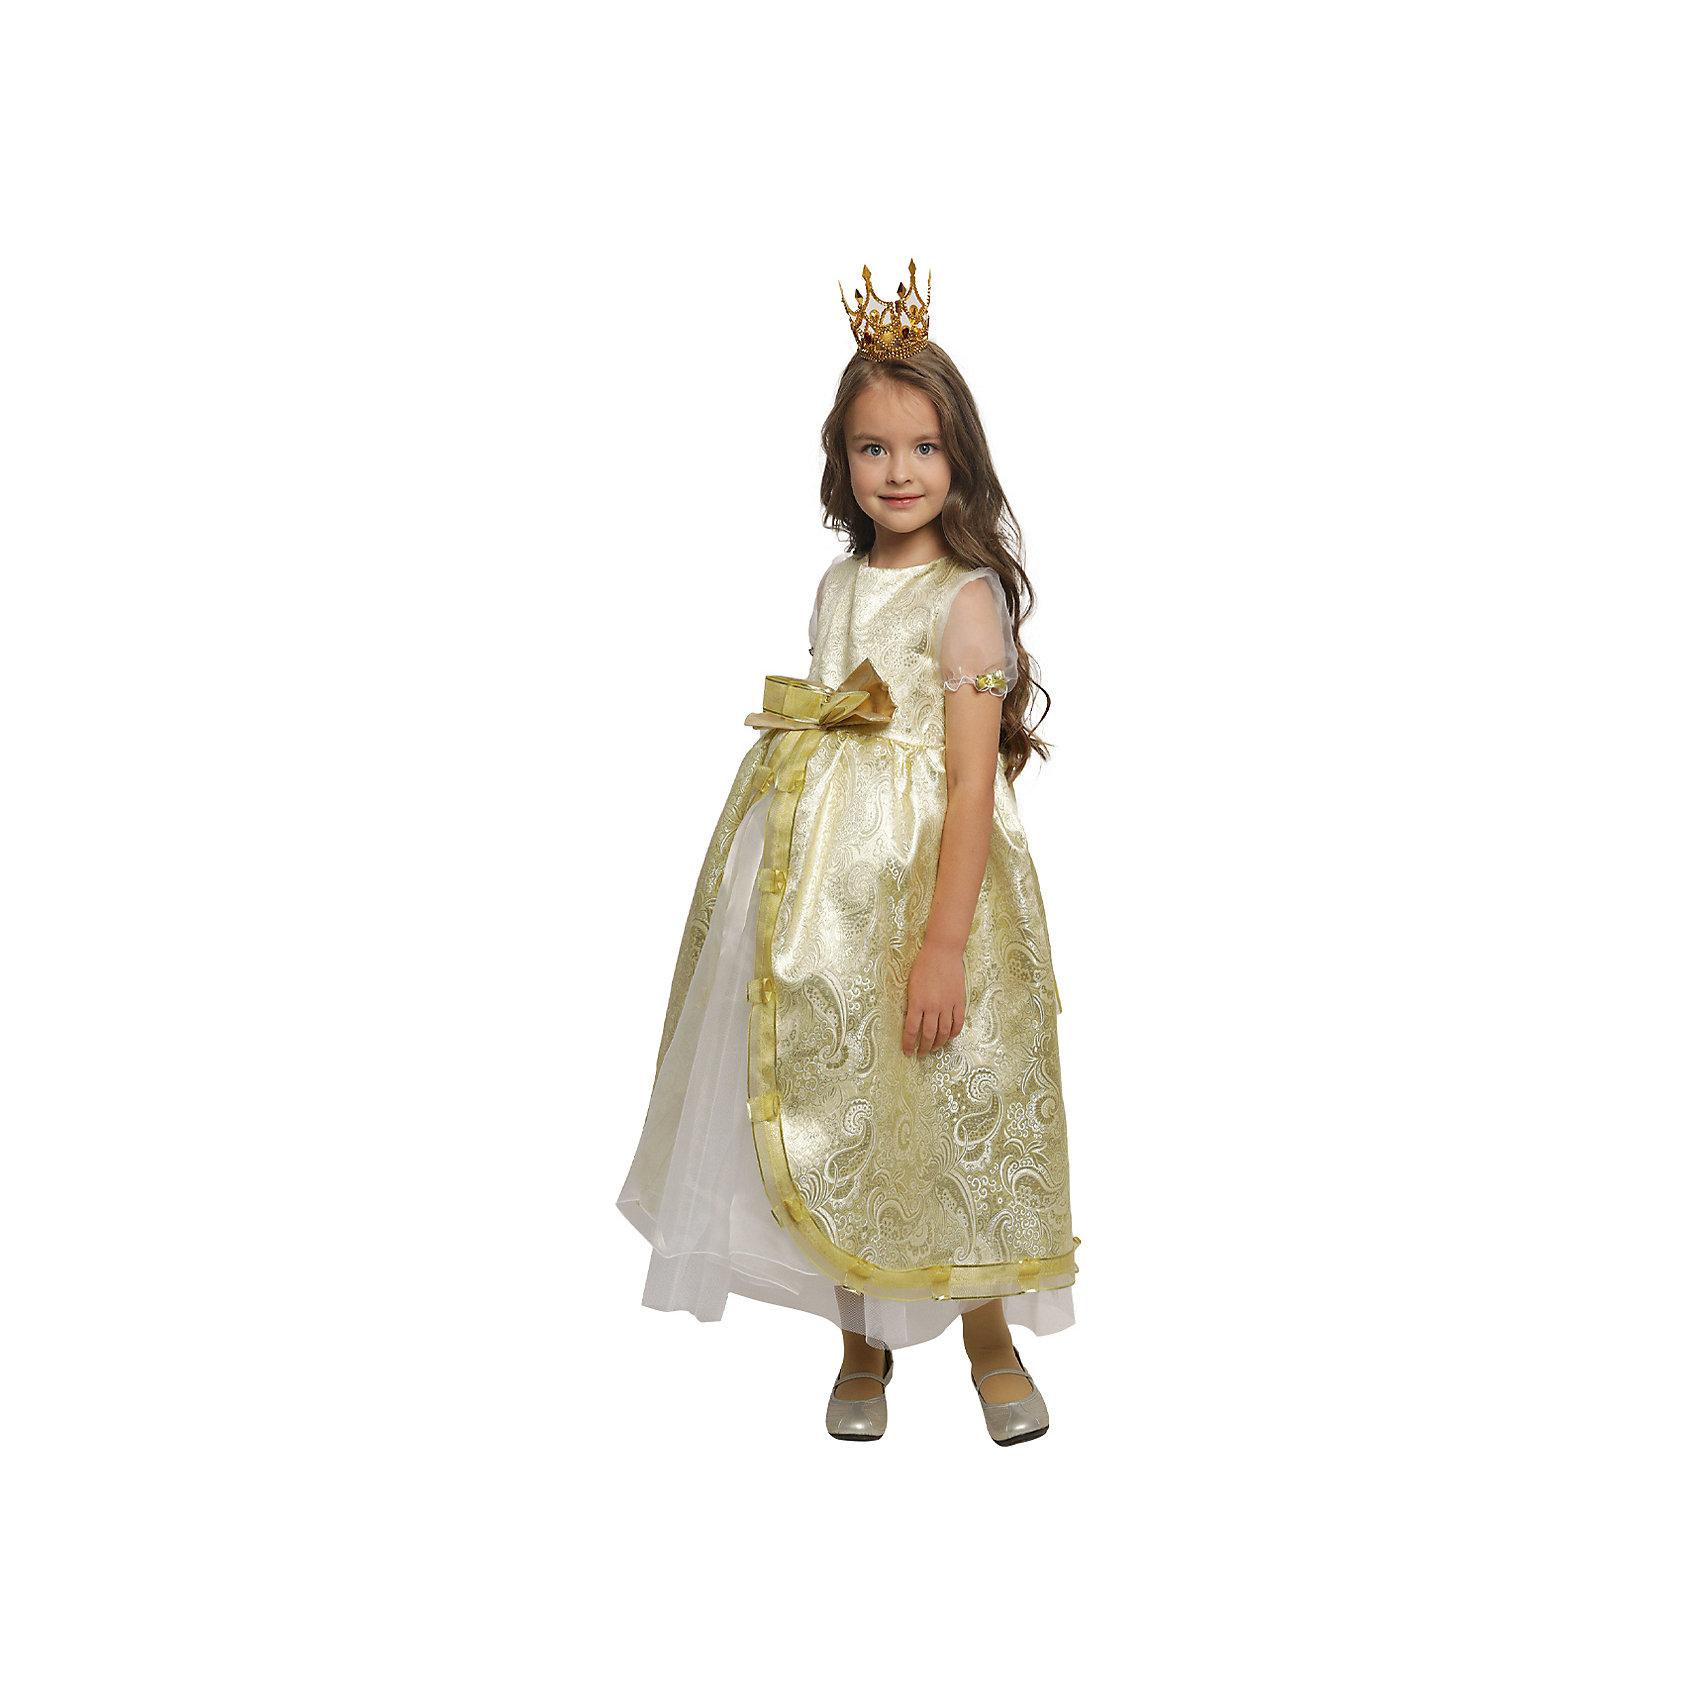 Карнавальный костюм для девочки Принцесса Люкс, ВестификаКарнавальные костюмы и аксессуары<br>Каждая девочка мечтает почувствовать себя настоящей принцессой и поехать на бал в самом красивом платье на свете. Эта мечта становится реальностью, как только девочка примеряет карнавальный костюм Принцесса Люкс. Костюм выполнен из светлой парчи с золотой нитью. Многочисленные нижние юбки из тафеты и органзы придают объем шикарному бальному платью. Маленькая корона фиксируется на волосах невидимками.<br><br>Дополнительная информация:<br><br>Комплектация:<br>Платье из парчи и  органзы<br>Корона<br>Ткани:<br>Парча (100% полиэстер)<br>Органза (100% полиэстер)<br>Тафета (100% полиэстер)<br><br><br>Карнавальный костюм для девочки Принцесса Люкс, Вестифика можно купить в нашем магазине.<br><br>Ширина мм: 236<br>Глубина мм: 16<br>Высота мм: 184<br>Вес г: 360<br>Цвет: белый<br>Возраст от месяцев: 48<br>Возраст до месяцев: 60<br>Пол: Женский<br>Возраст: Детский<br>Размер: 104/110,116/122<br>SKU: 4389256